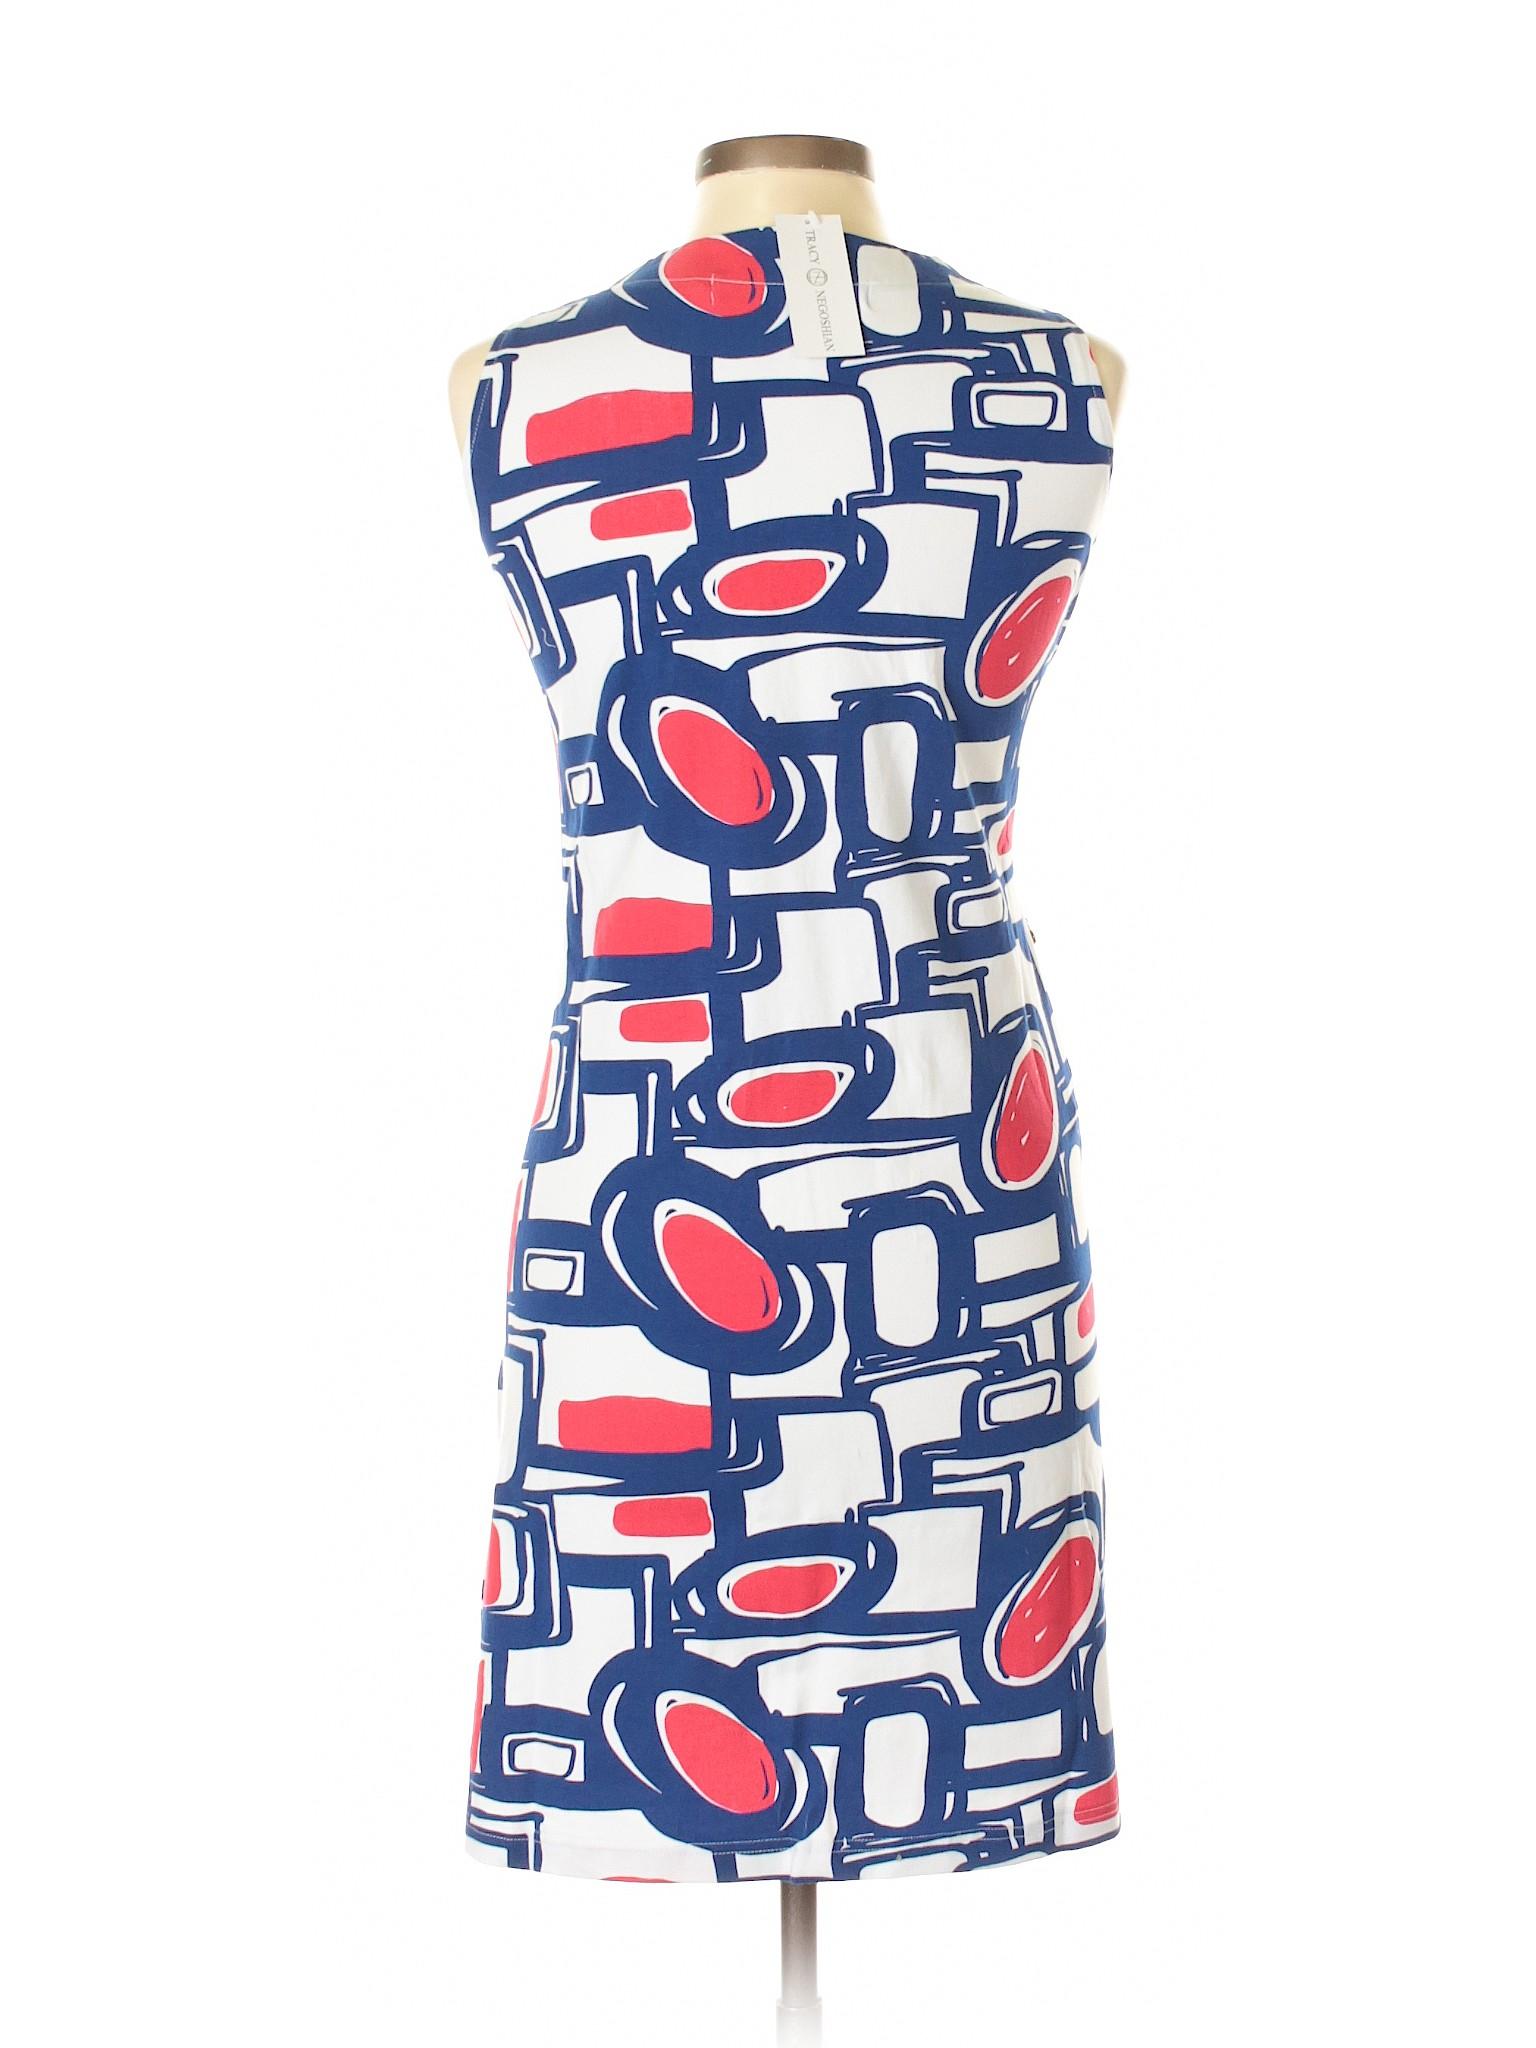 TRACY Selling Casual NEGOSHIAN Dress NEGOSHIAN Casual Selling TRACY TRACY Selling Dress TnOAn